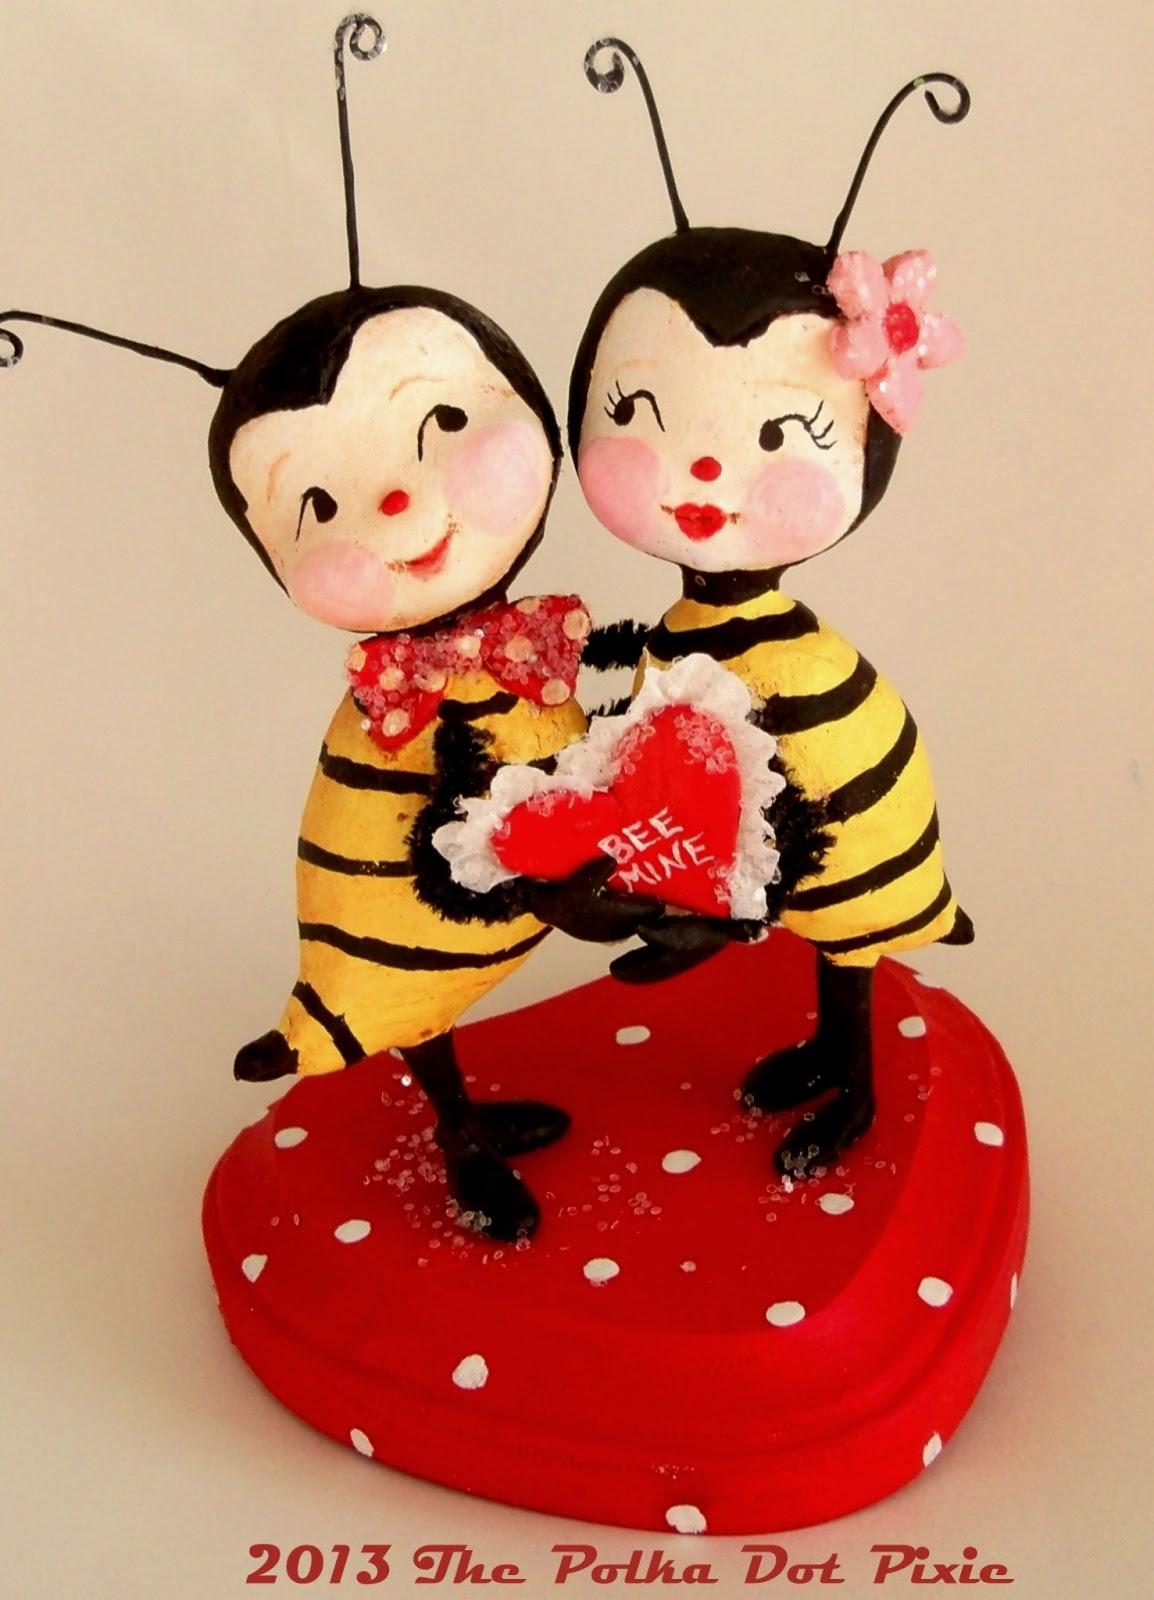 http://2.bp.blogspot.com/-QseytYX_kCA/UPrymKUiajI/AAAAAAAAEaE/ahsqhgkE3y4/s1600/Bee+Mine.+thepolkadotpixie.jpg